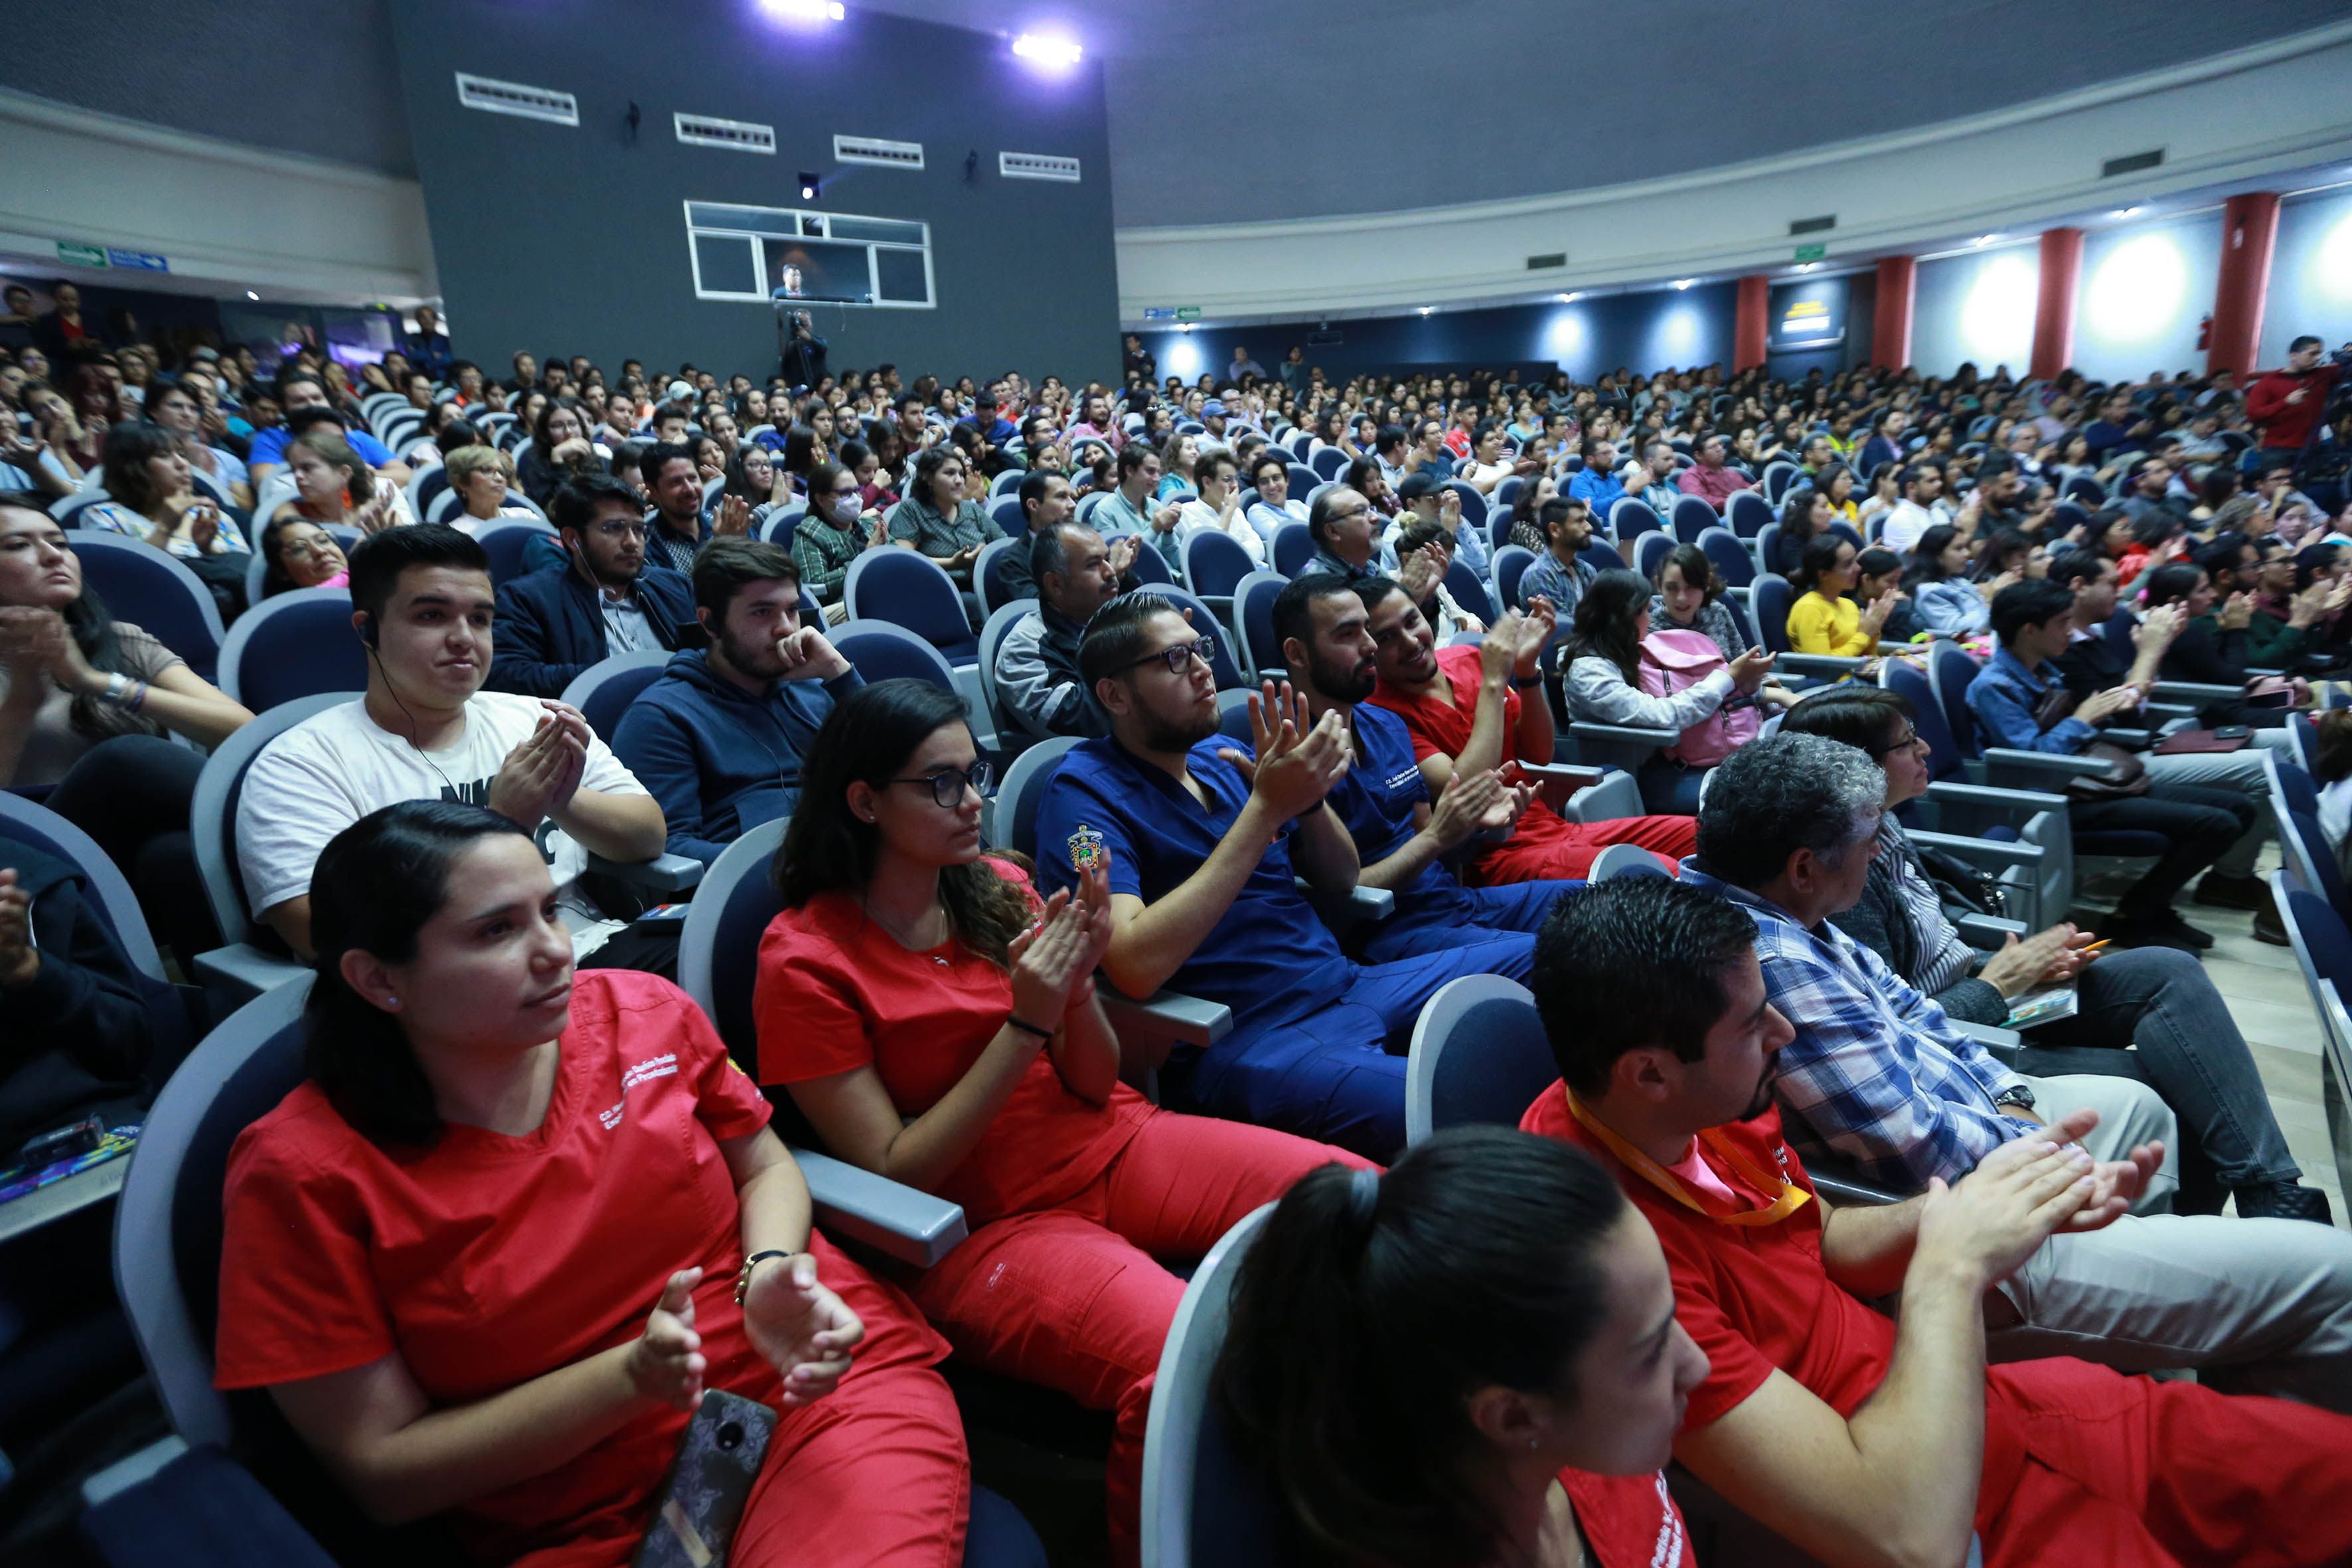 Toma de asistentes a la conferencia, auditorio en lleno total